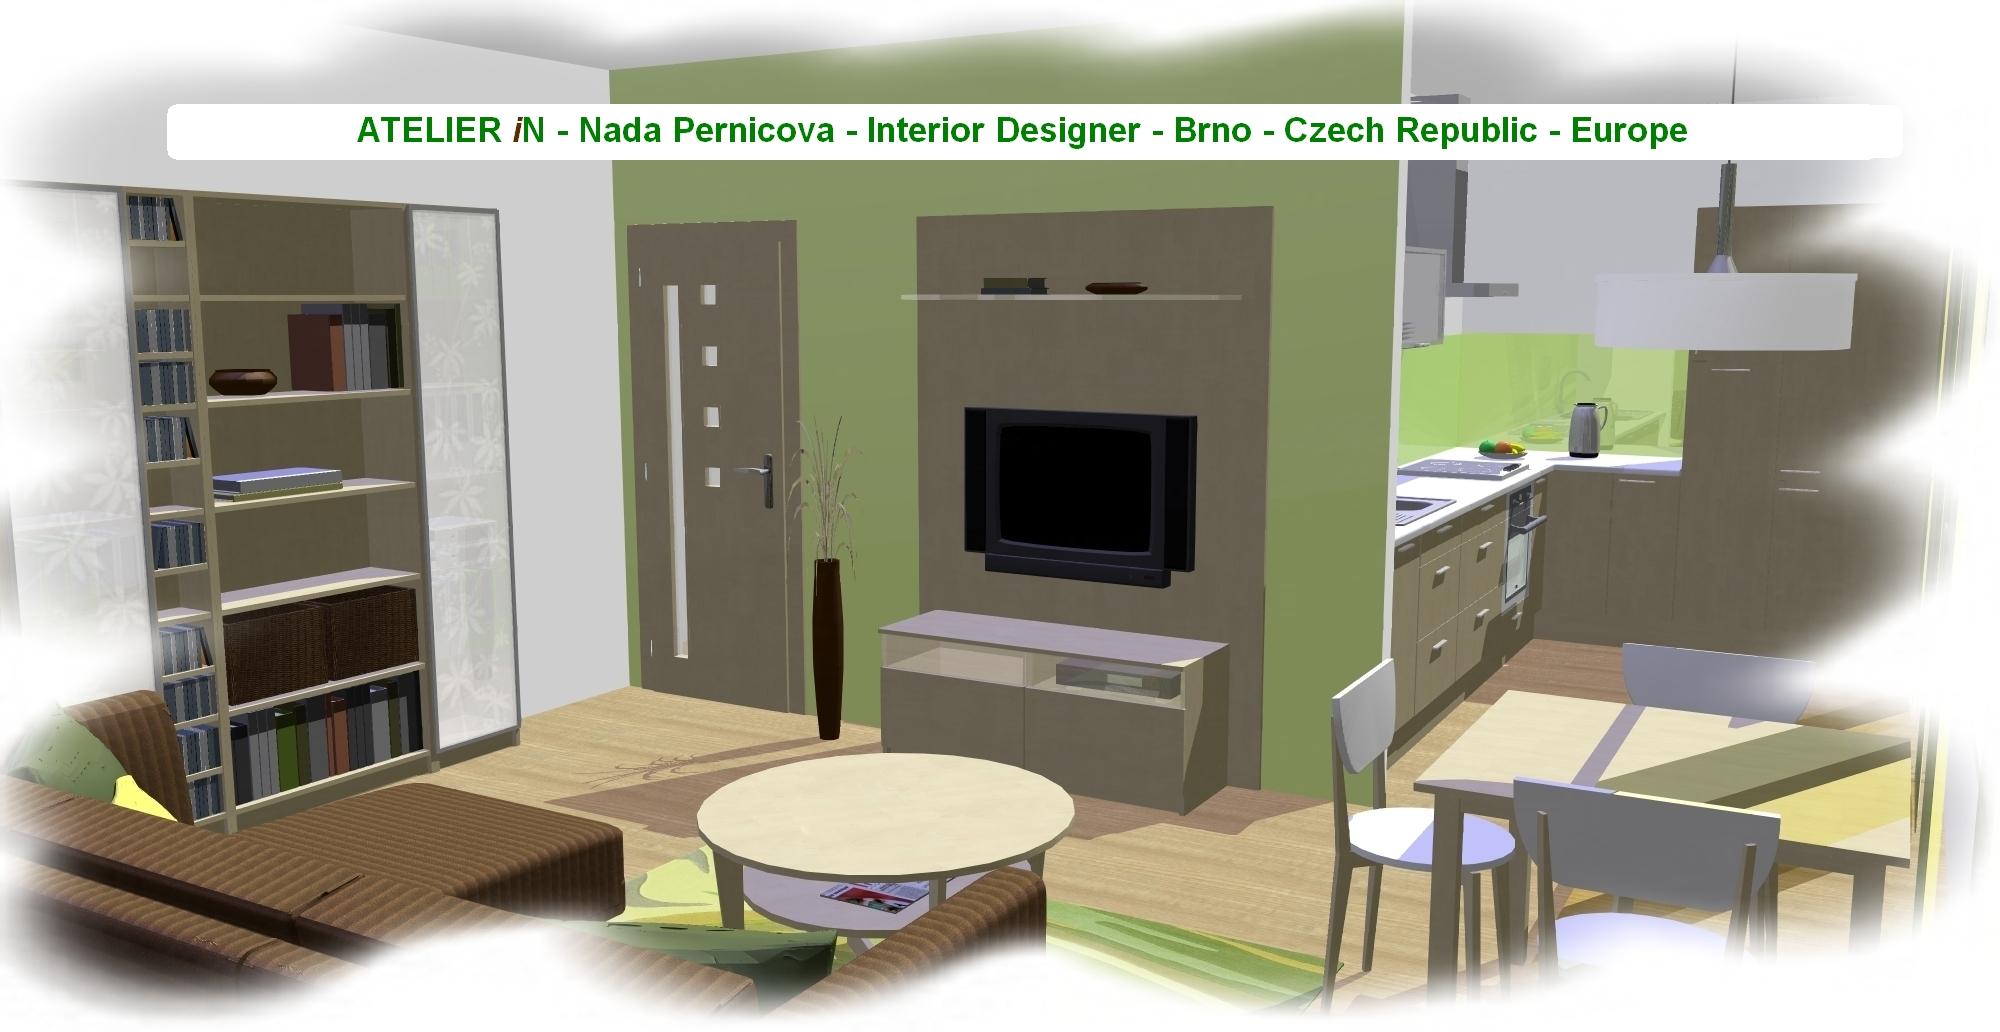 ATELIÉR iN - Obývací pokoj s kuchyňským koutem - 1c | Living room with kitchen - 1c